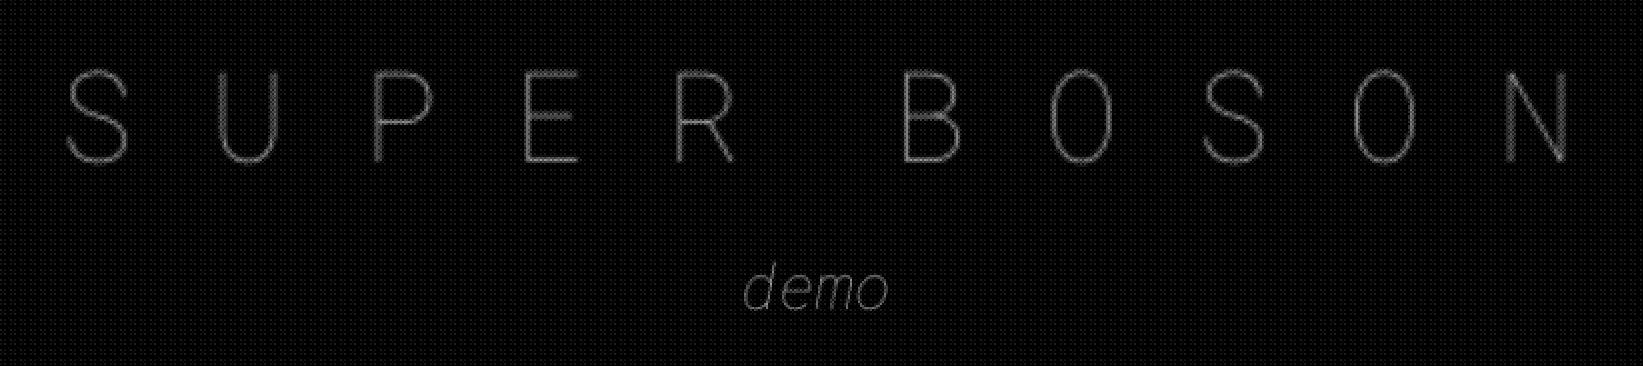 SUPER BOSON [demo]